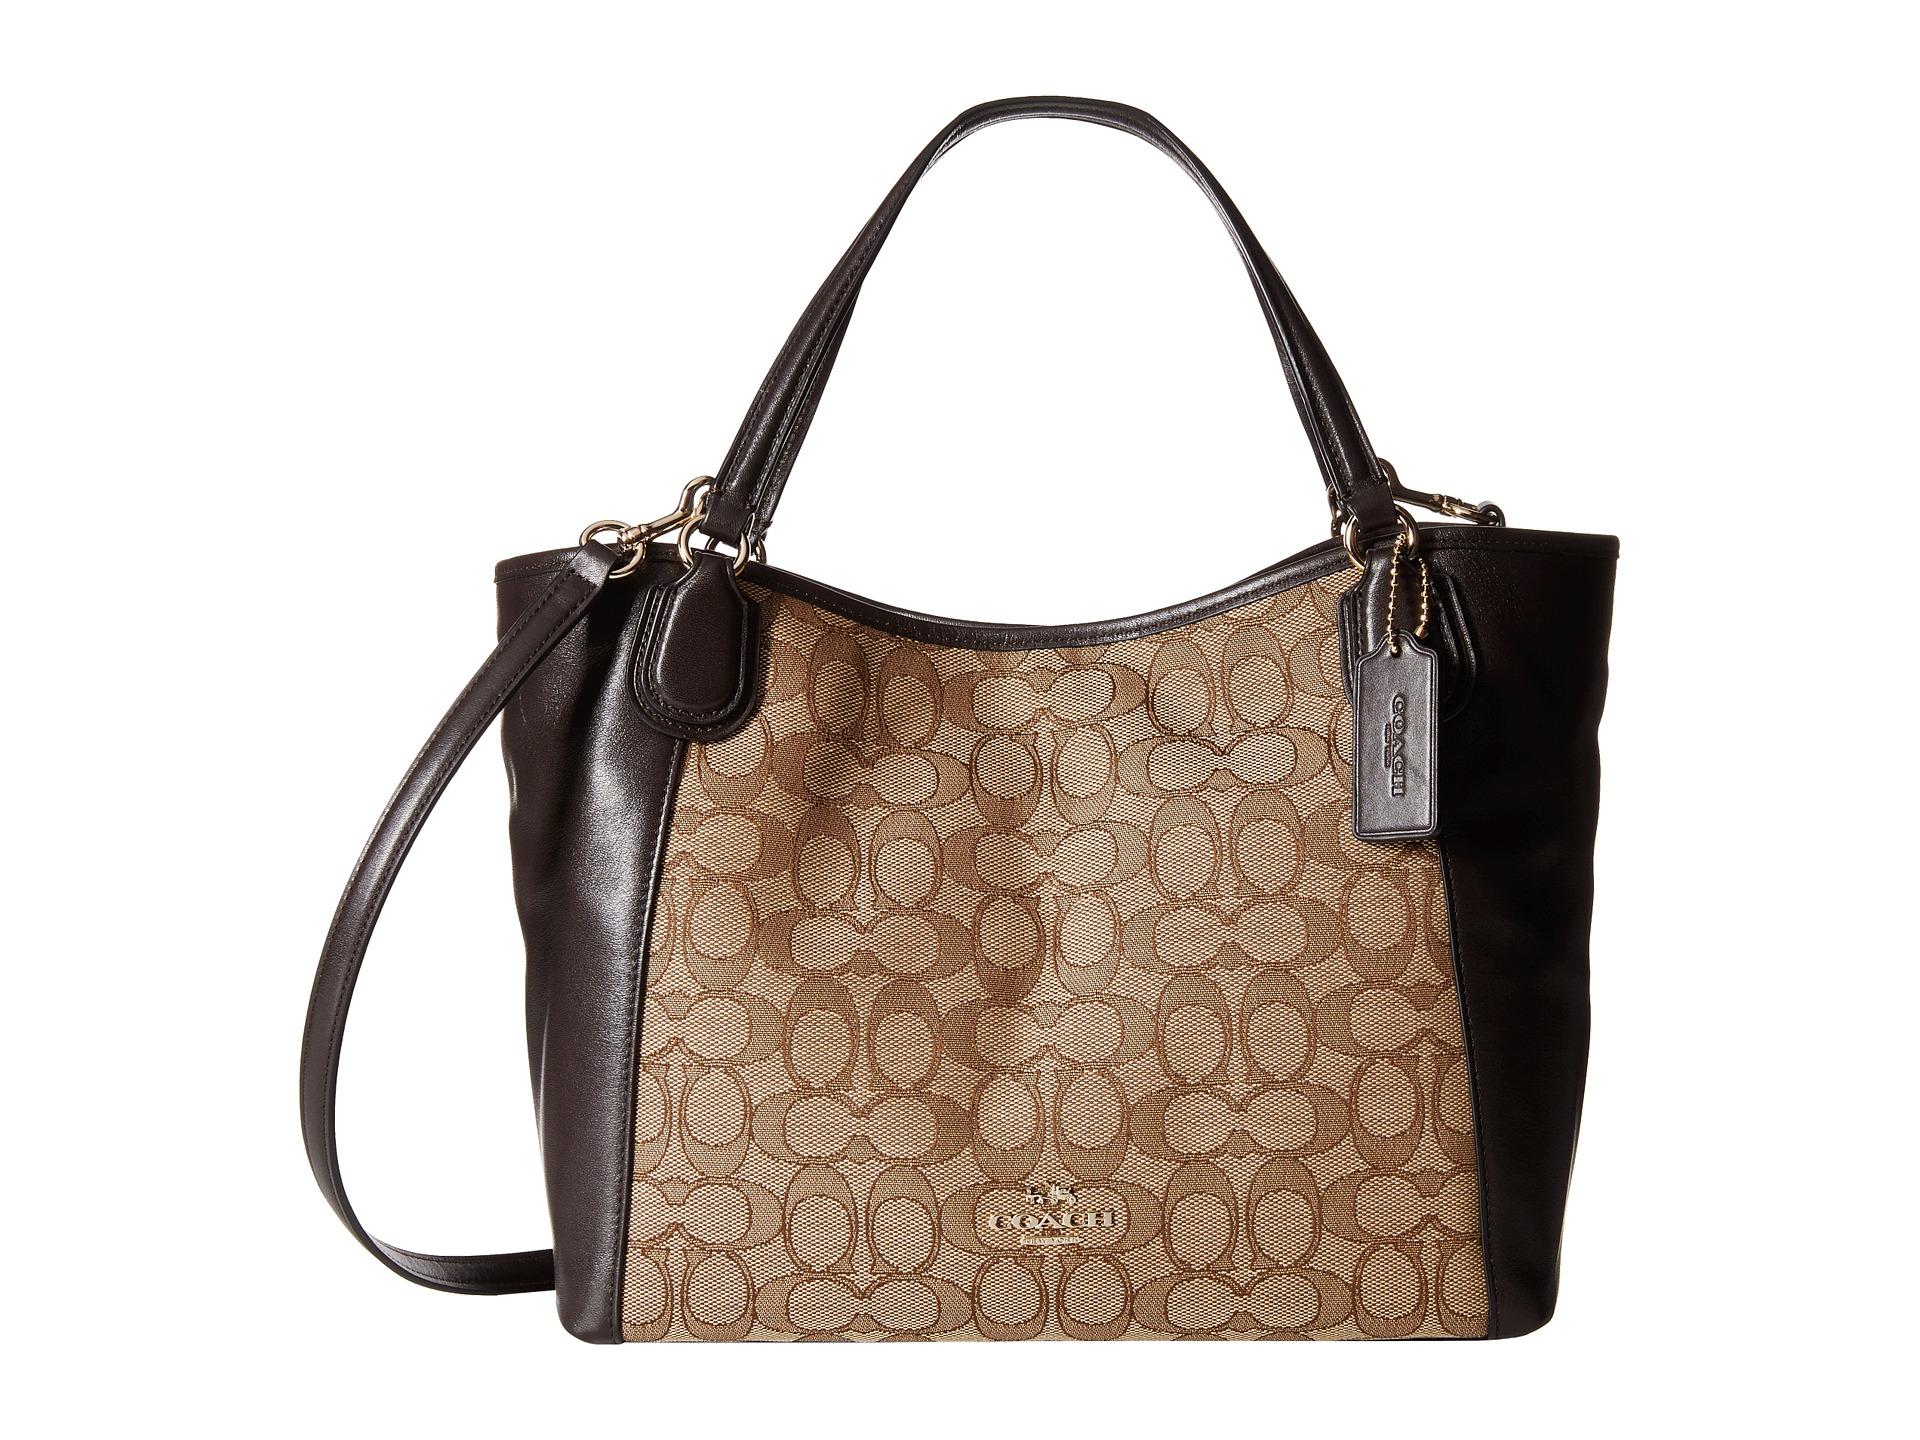 6958d0c0a ... ebay lyst coach signature edie 28 shoulder bag in brown 11d0c 916a8